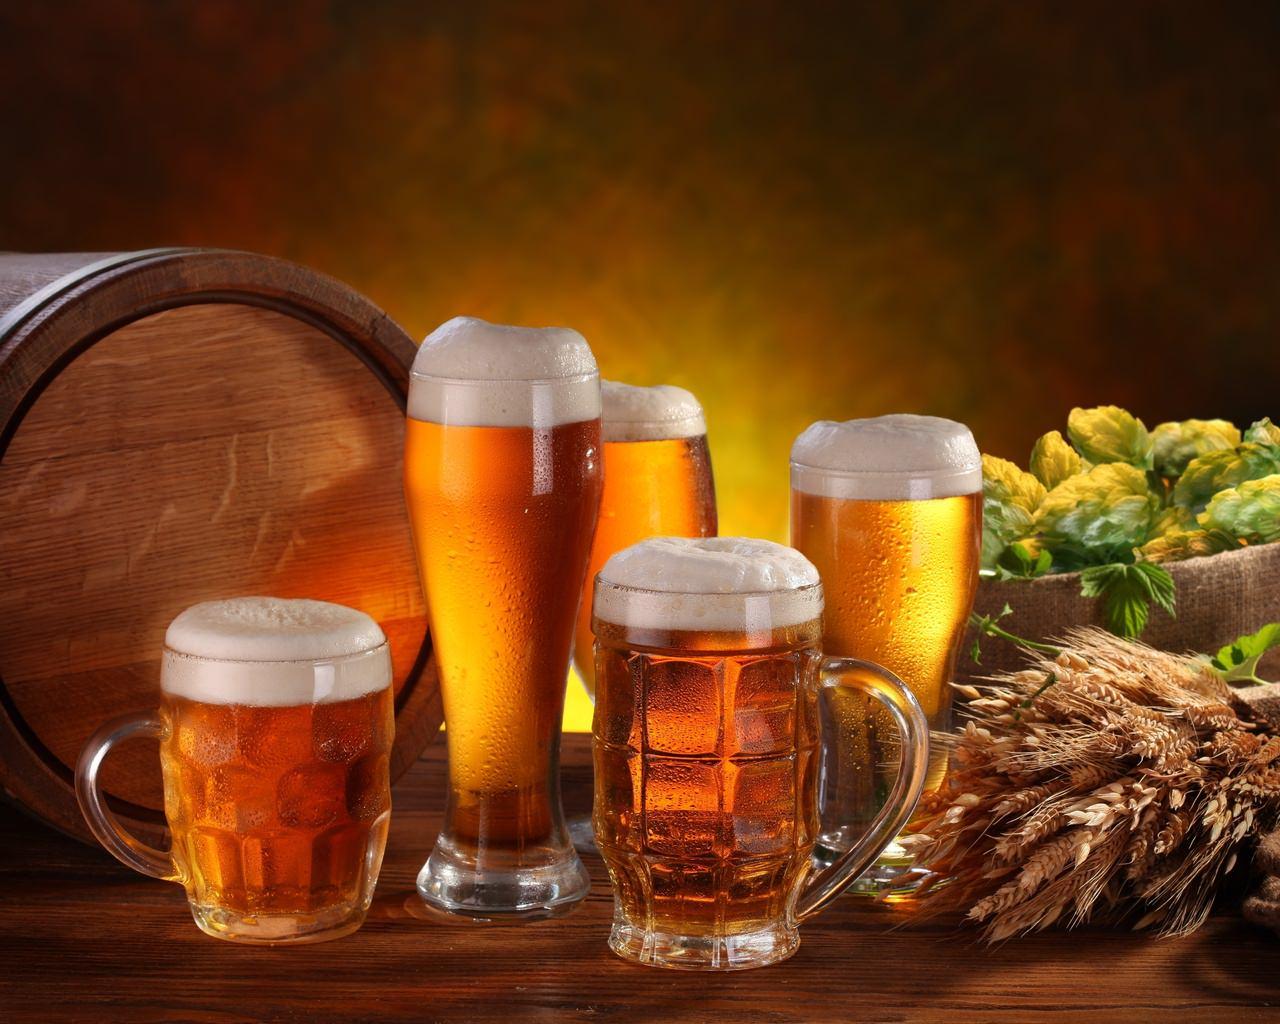 Nutrients: Пиво в умеренных дозах имеет ряд полезных свойств для здоровья